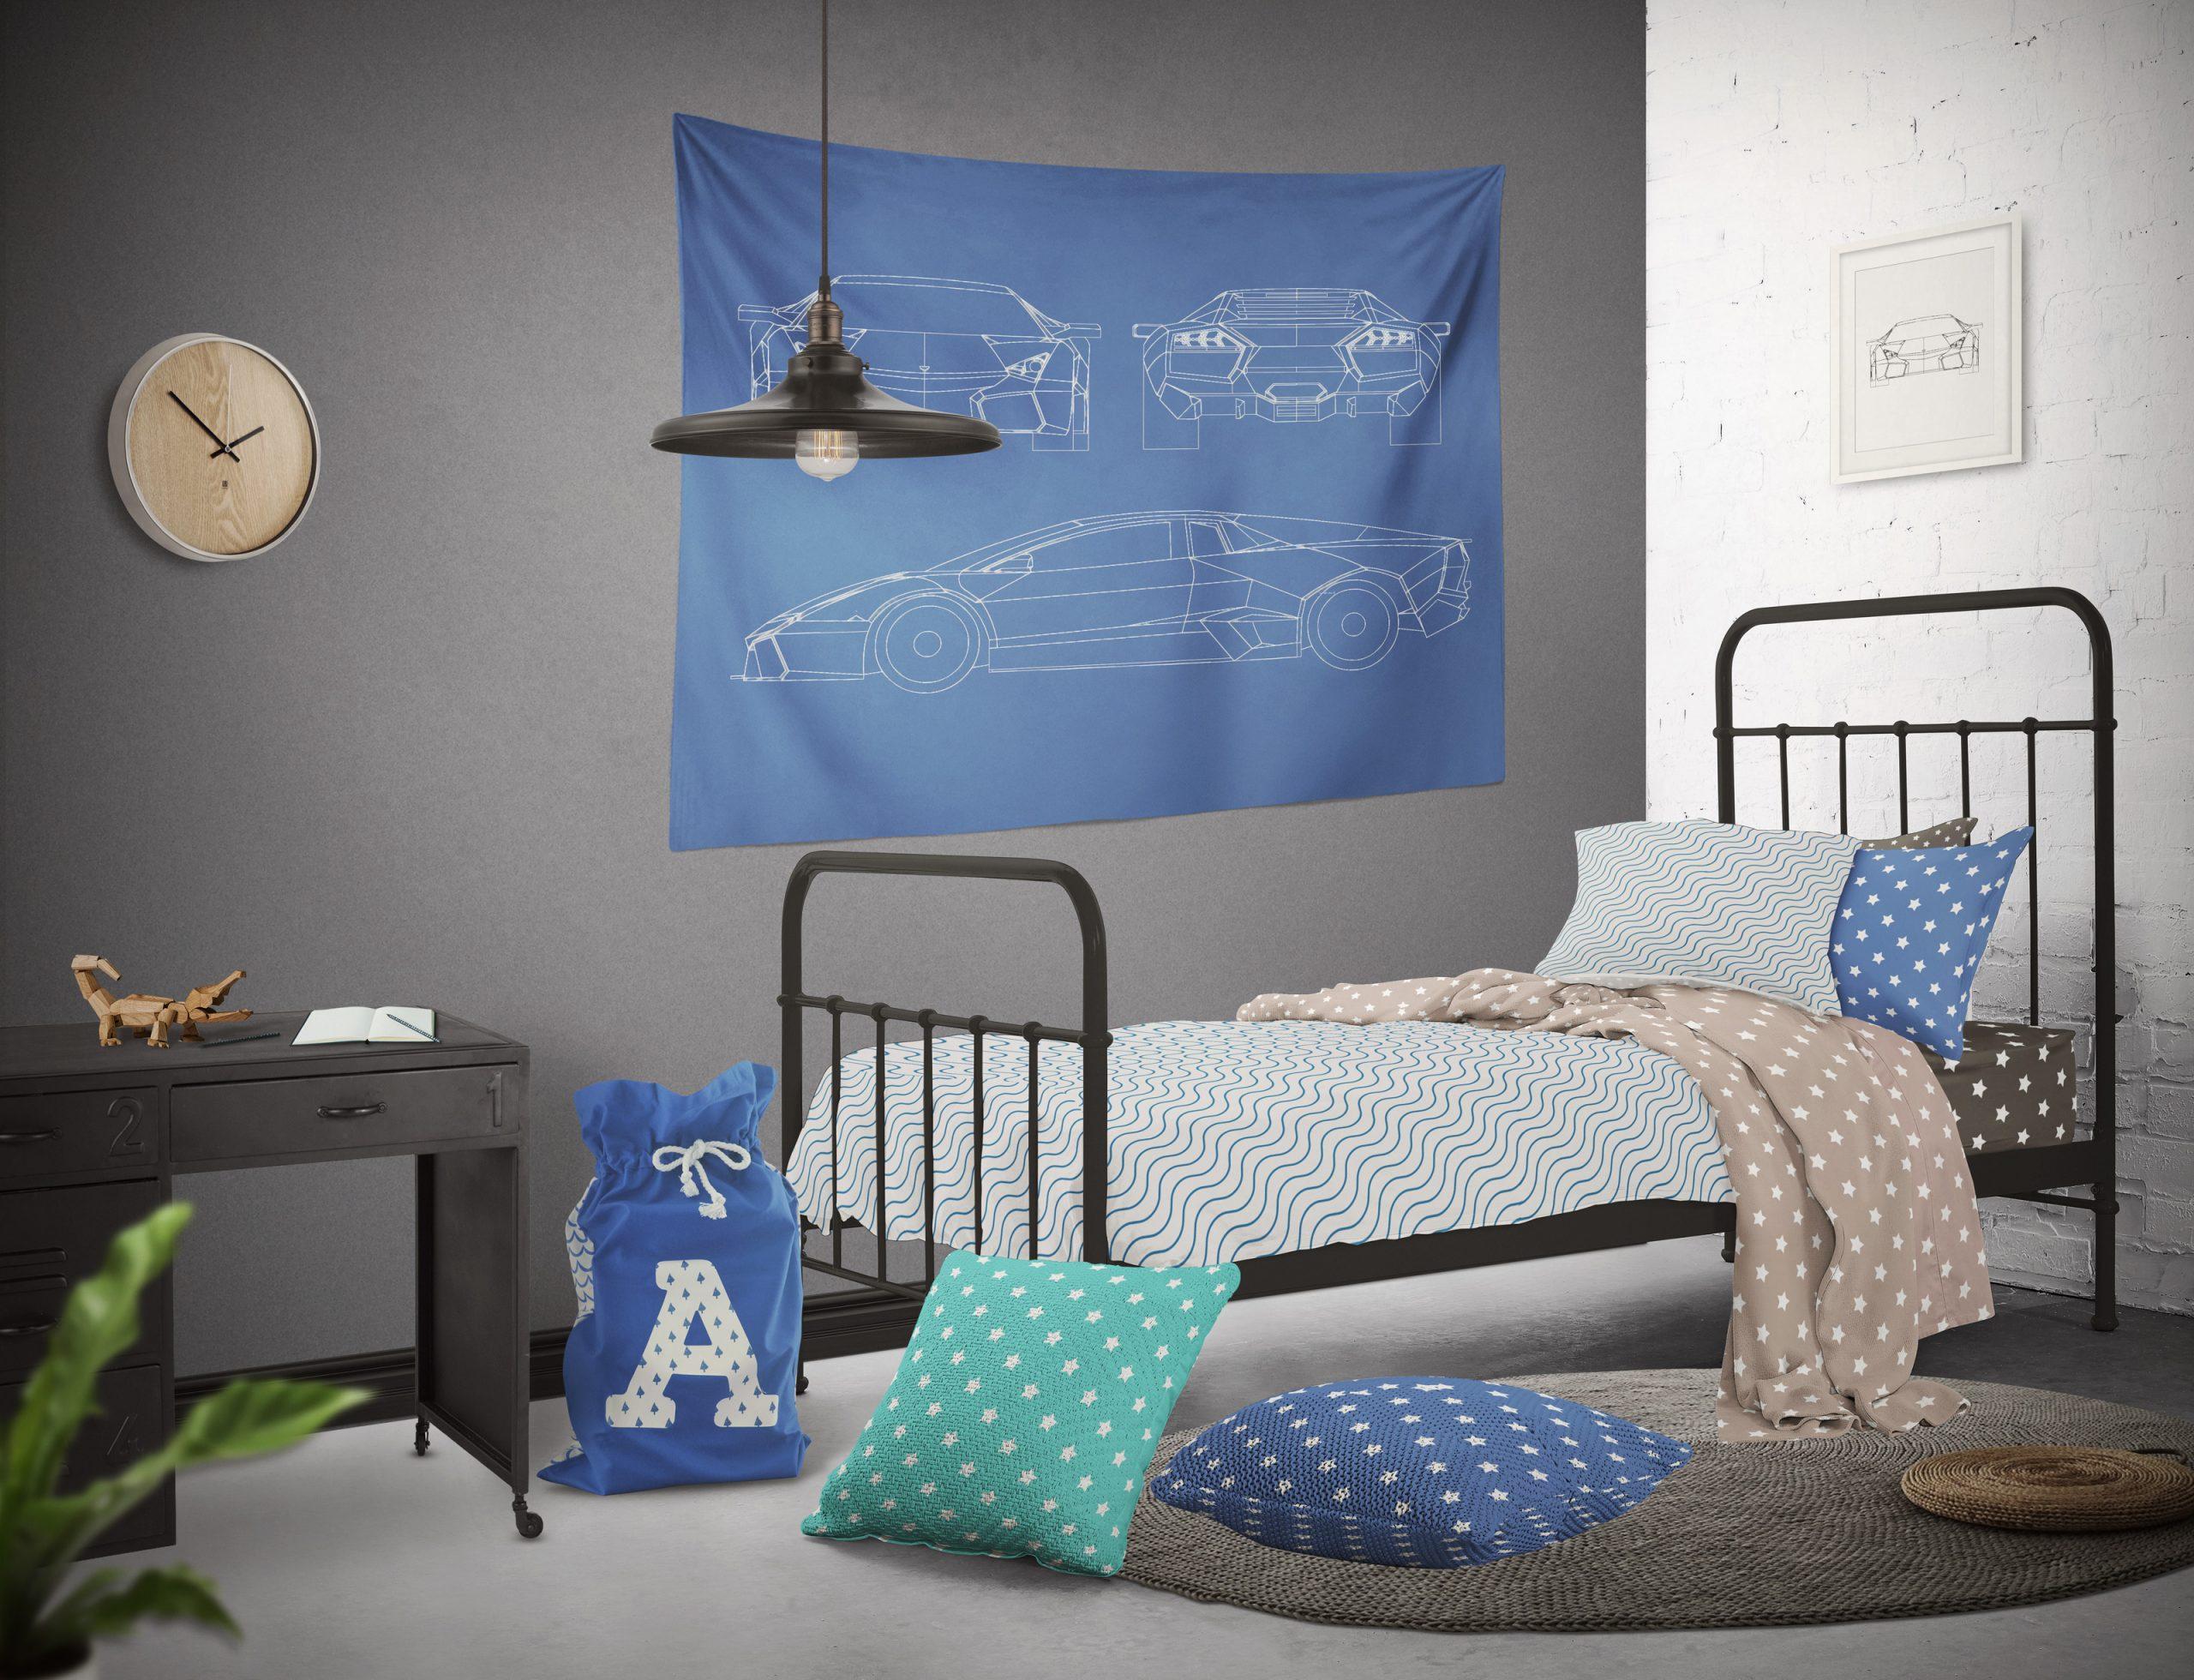 موکاپ اتاق خواب نوجوان با تمام امکانات